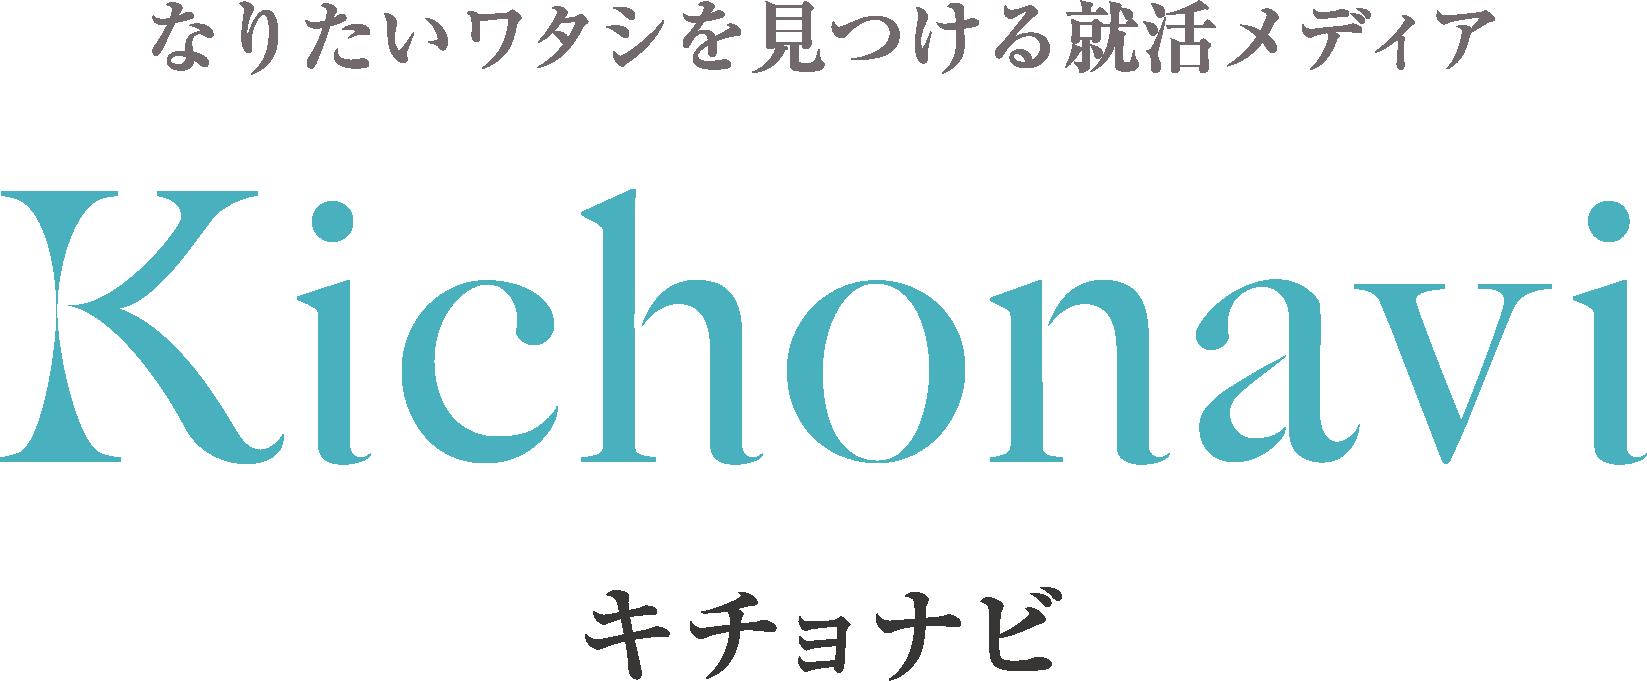 キチョnavi【キチョナビ】